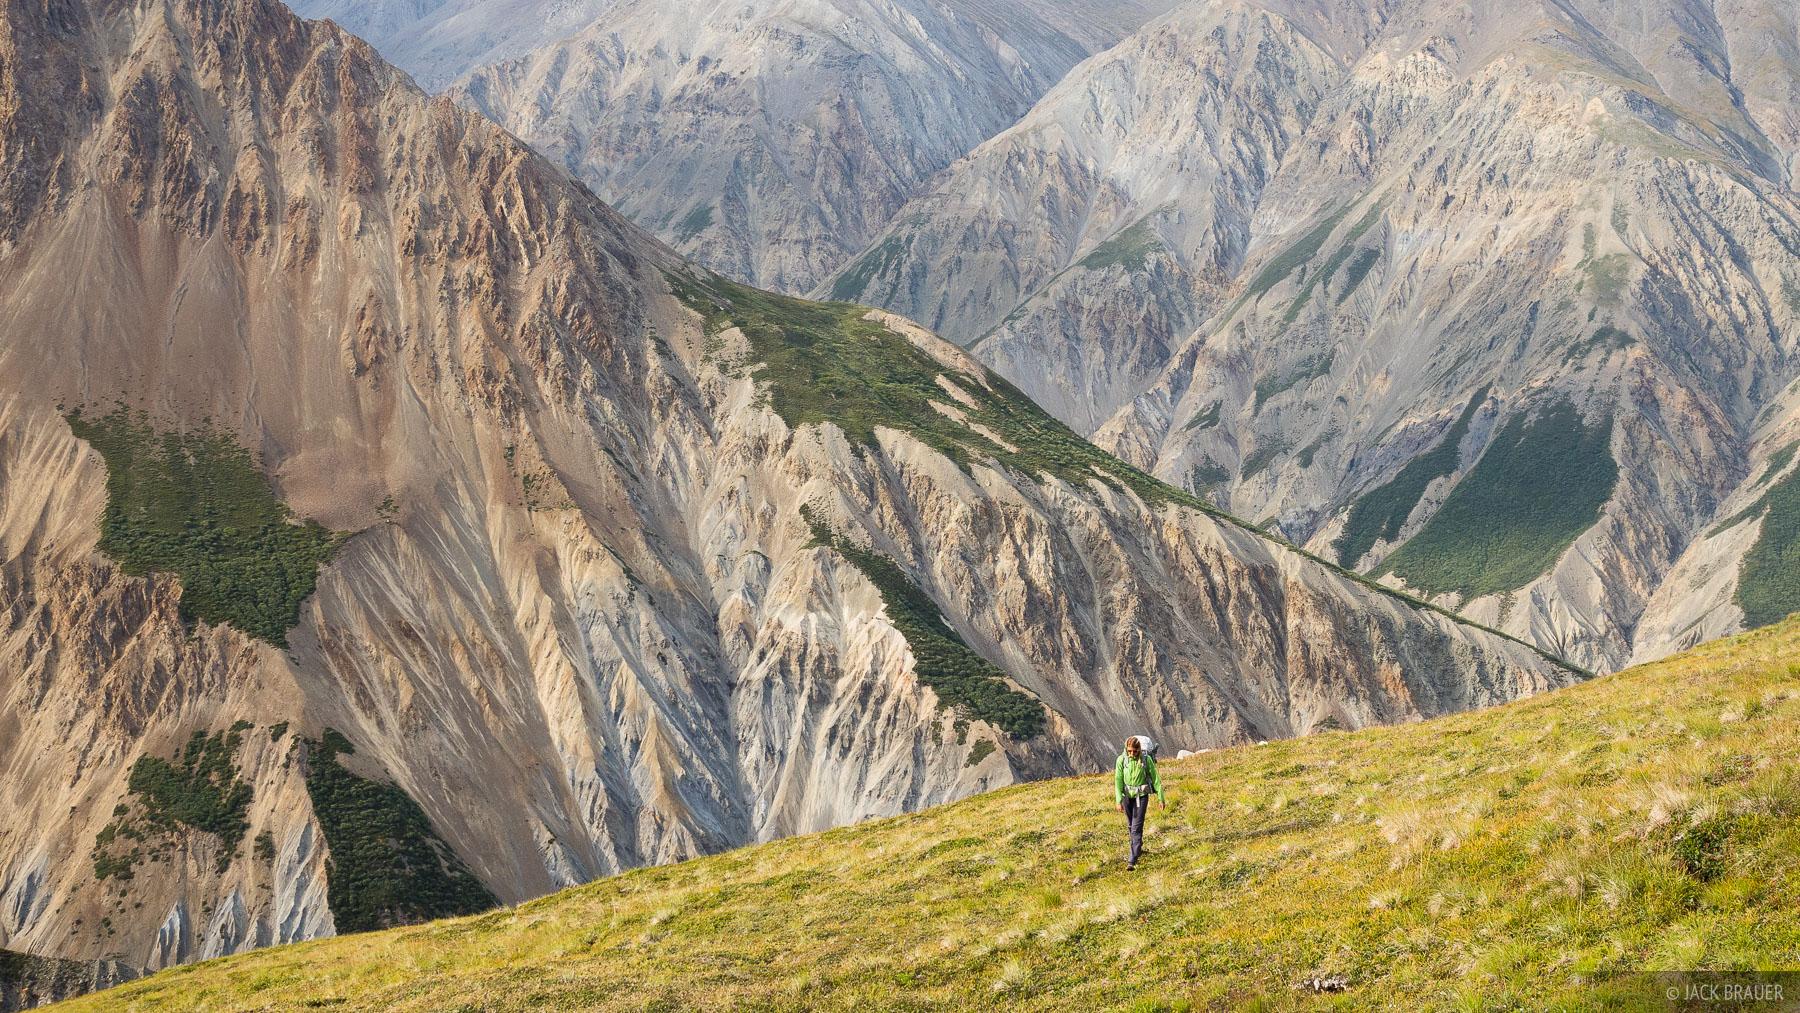 Canada, Kluane National Park, Slims River, Yukon, hiking, photo